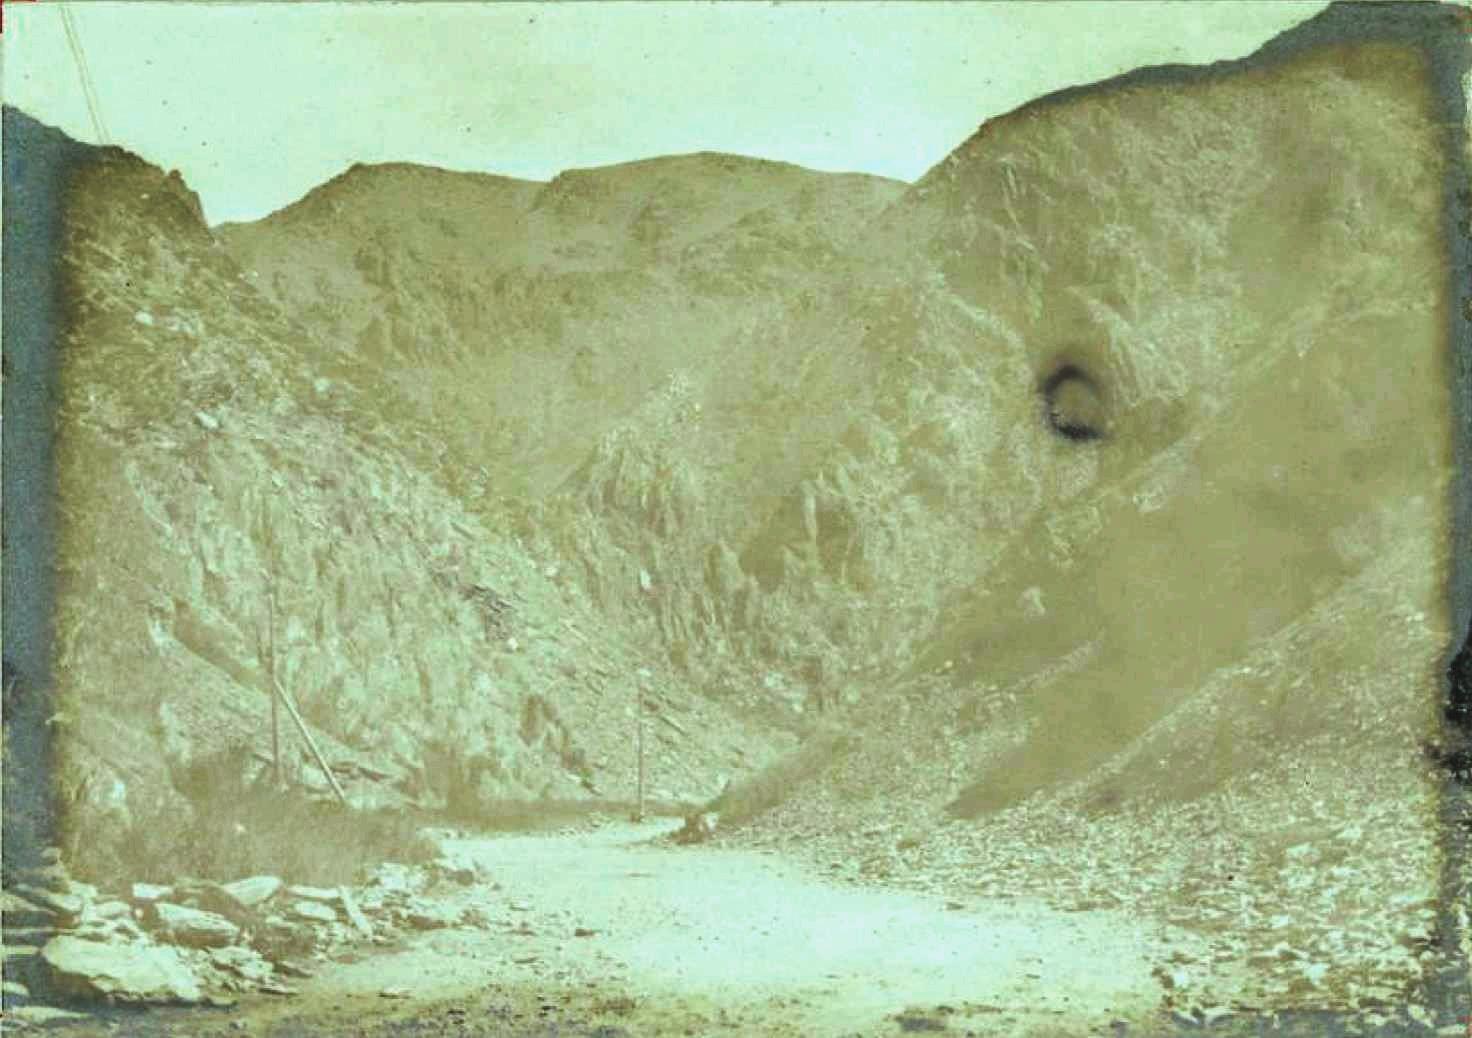 Арганатинскская сопка. Семиреченская область